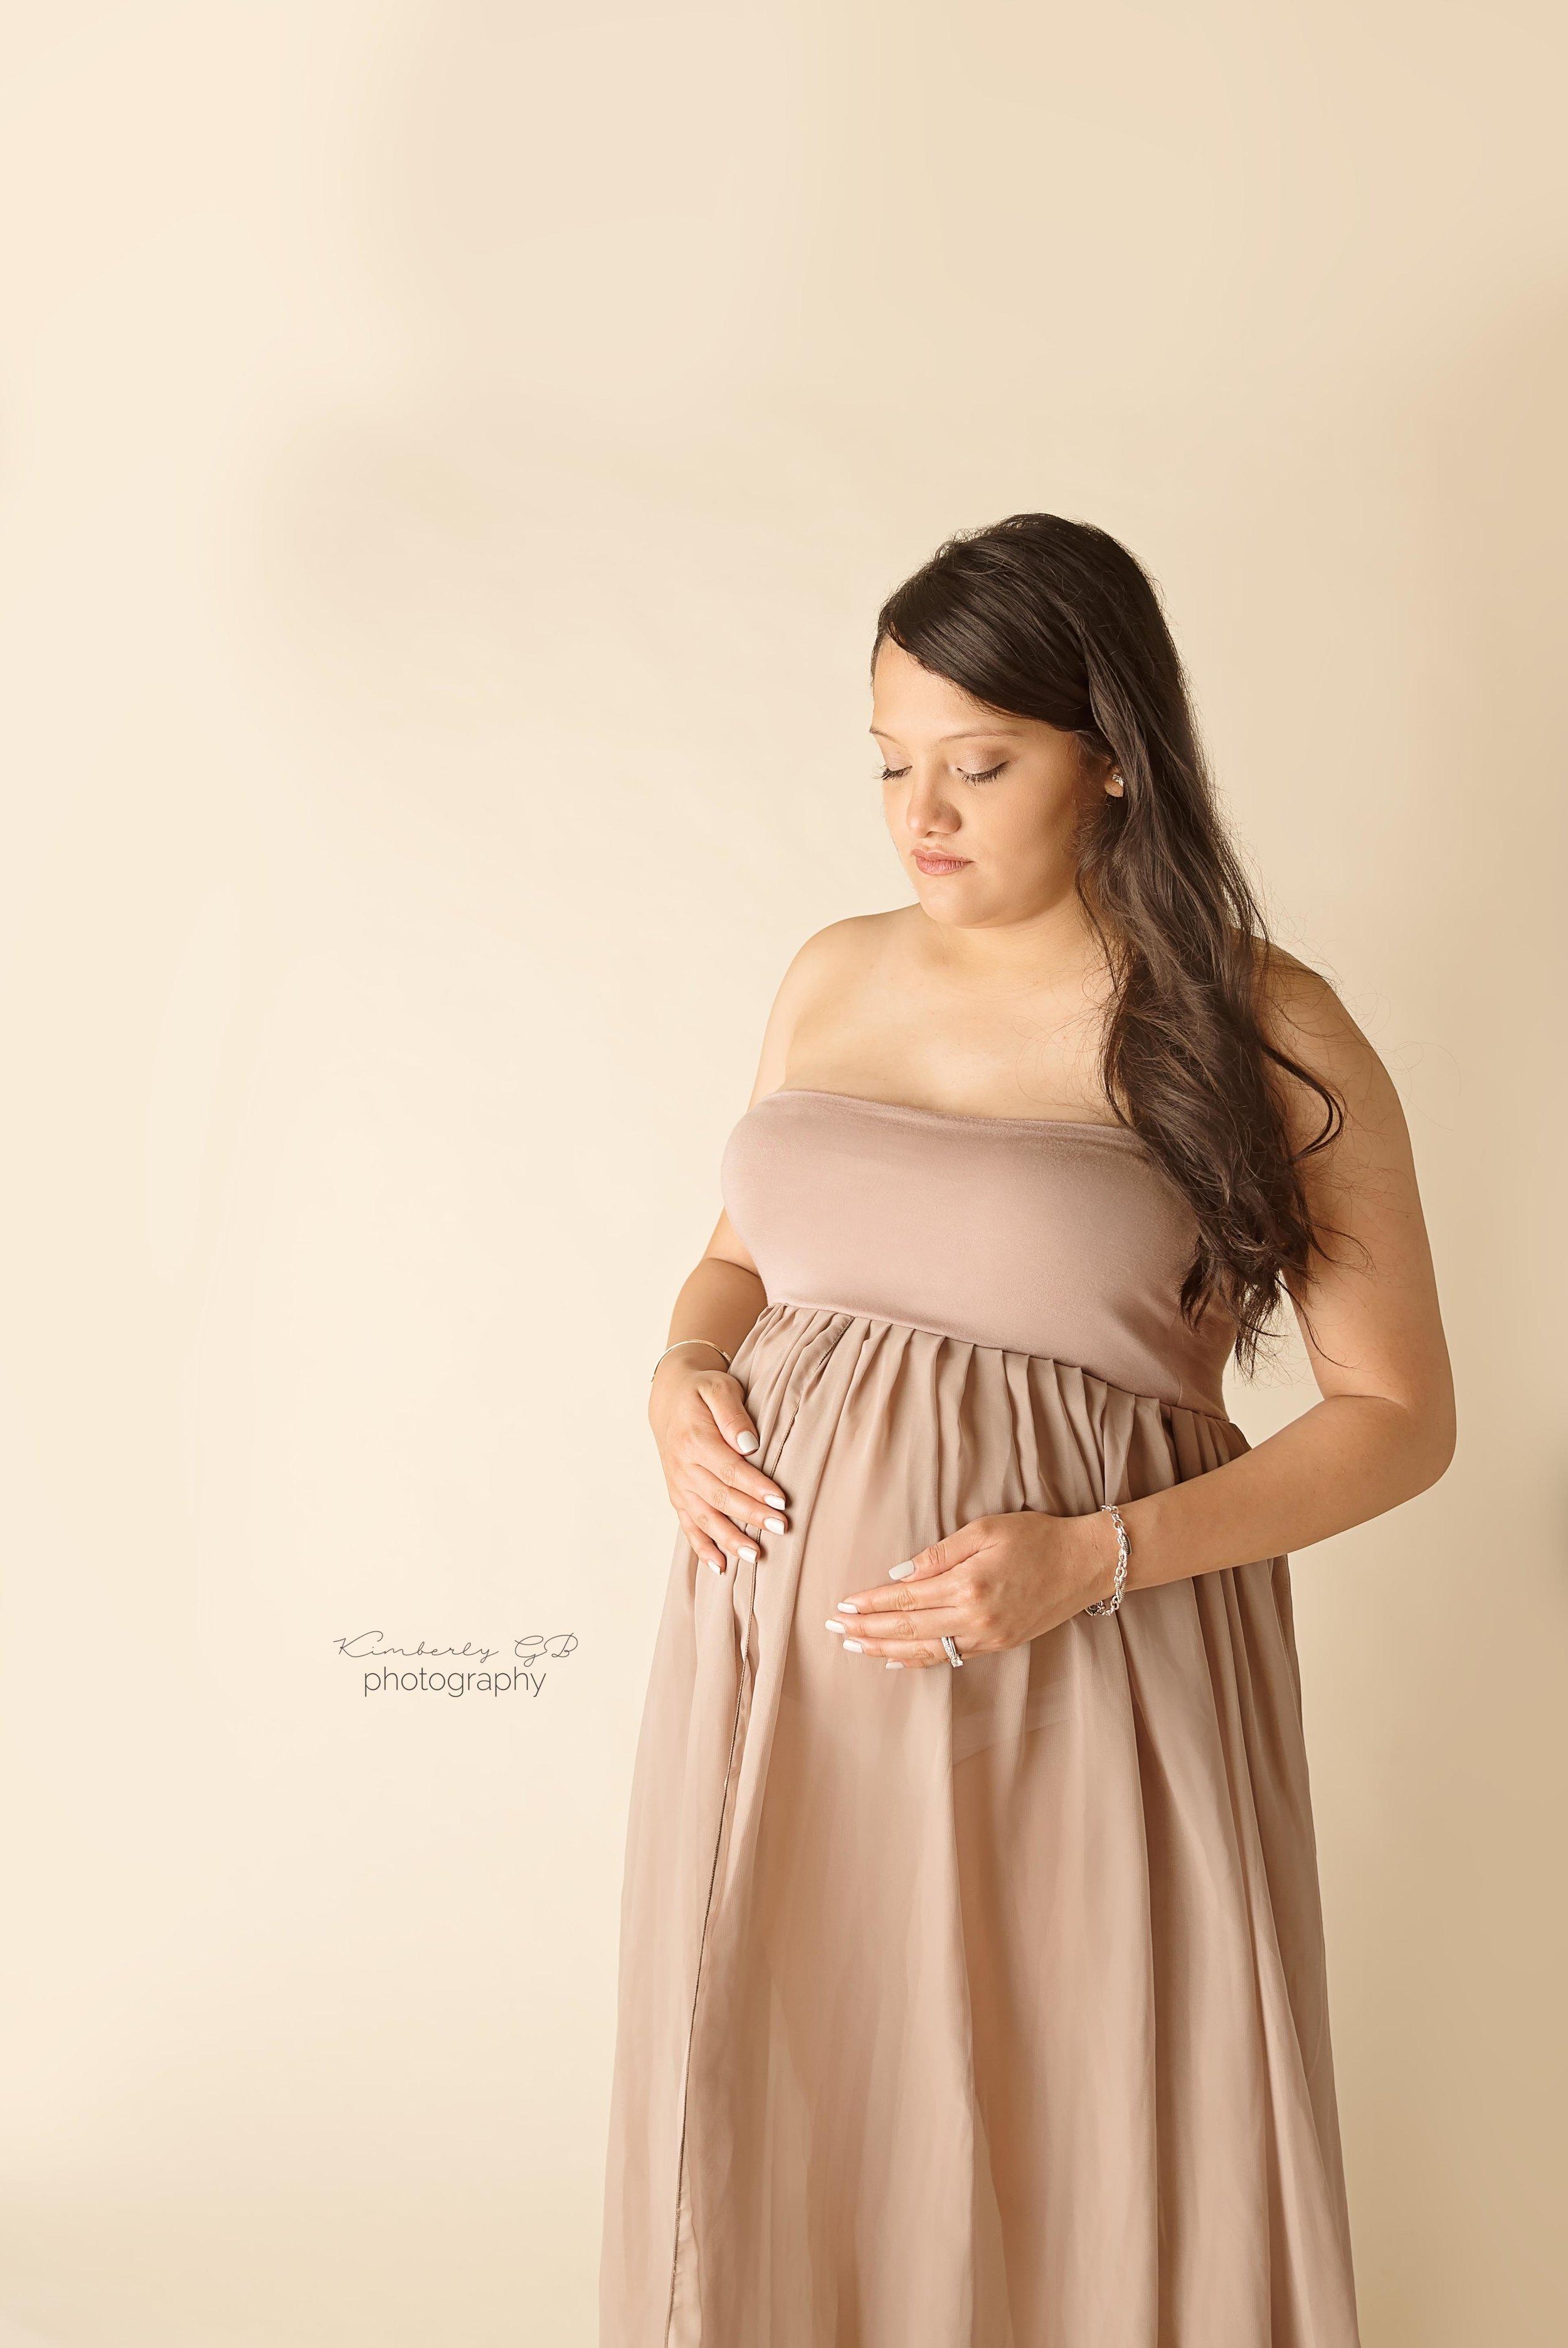 fotografia-fotografa-de-maternidad-embarazo-embarazada-en-puerto-rico-fotografia-79.jpg